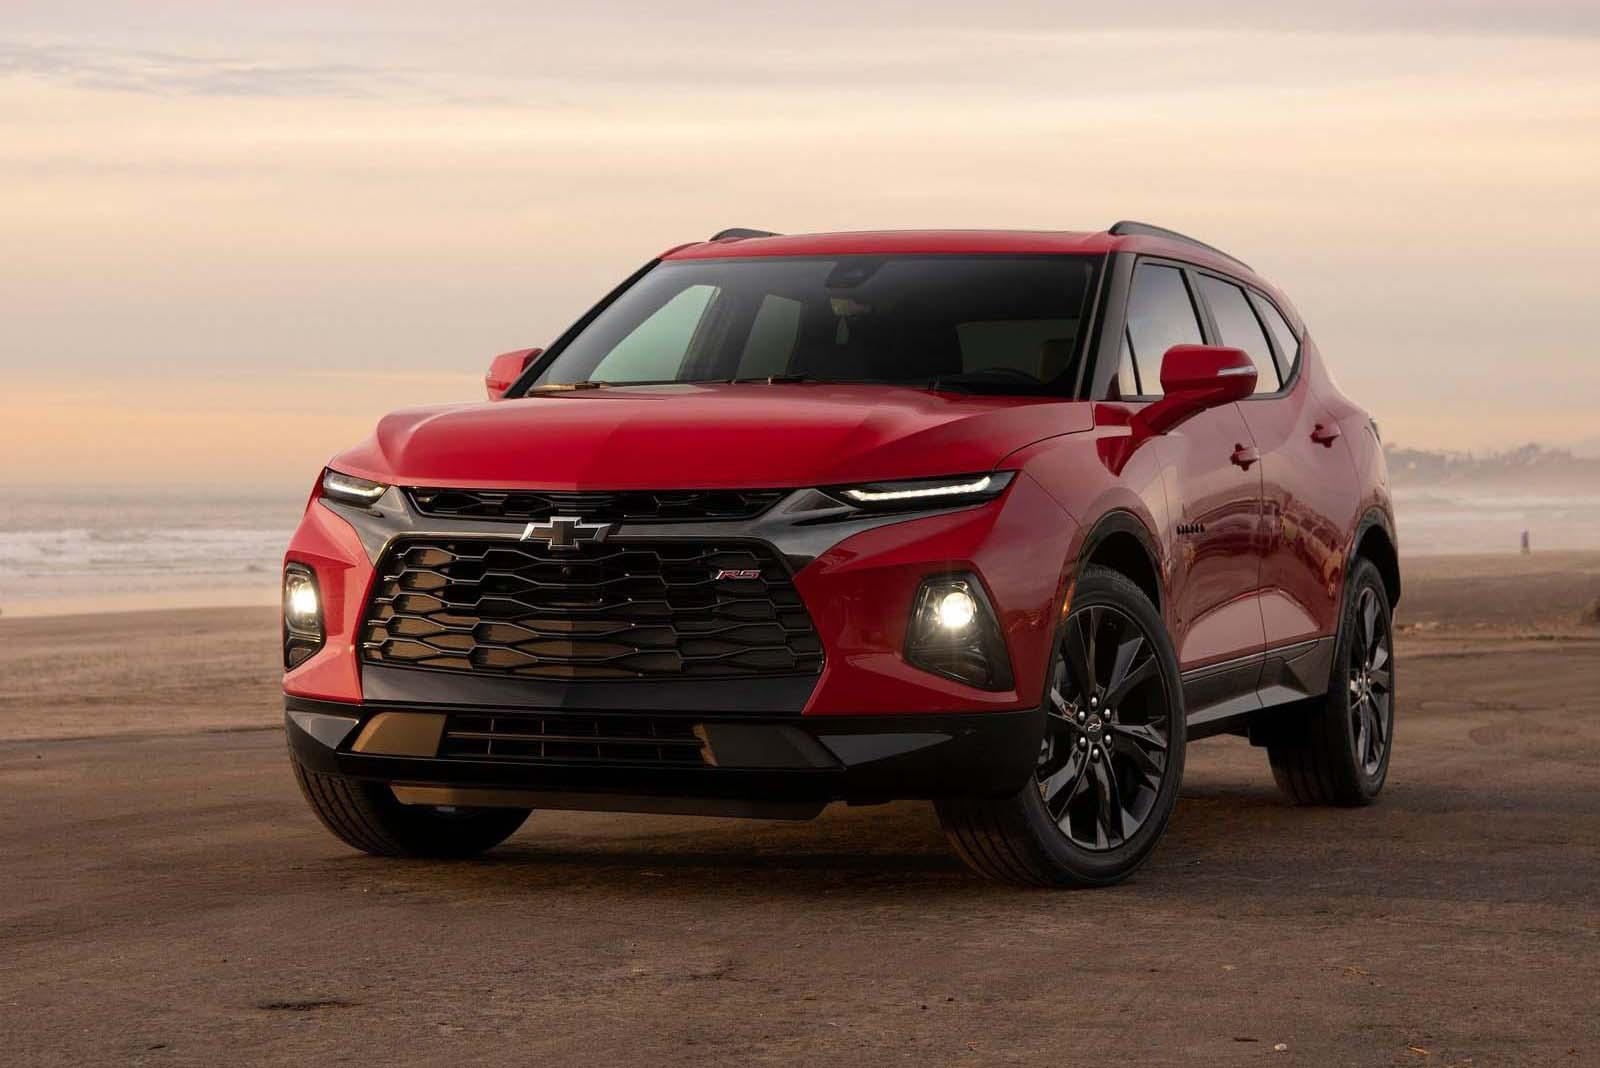 La Chevrolet Blazer es fabricada en la planta de Coahuila